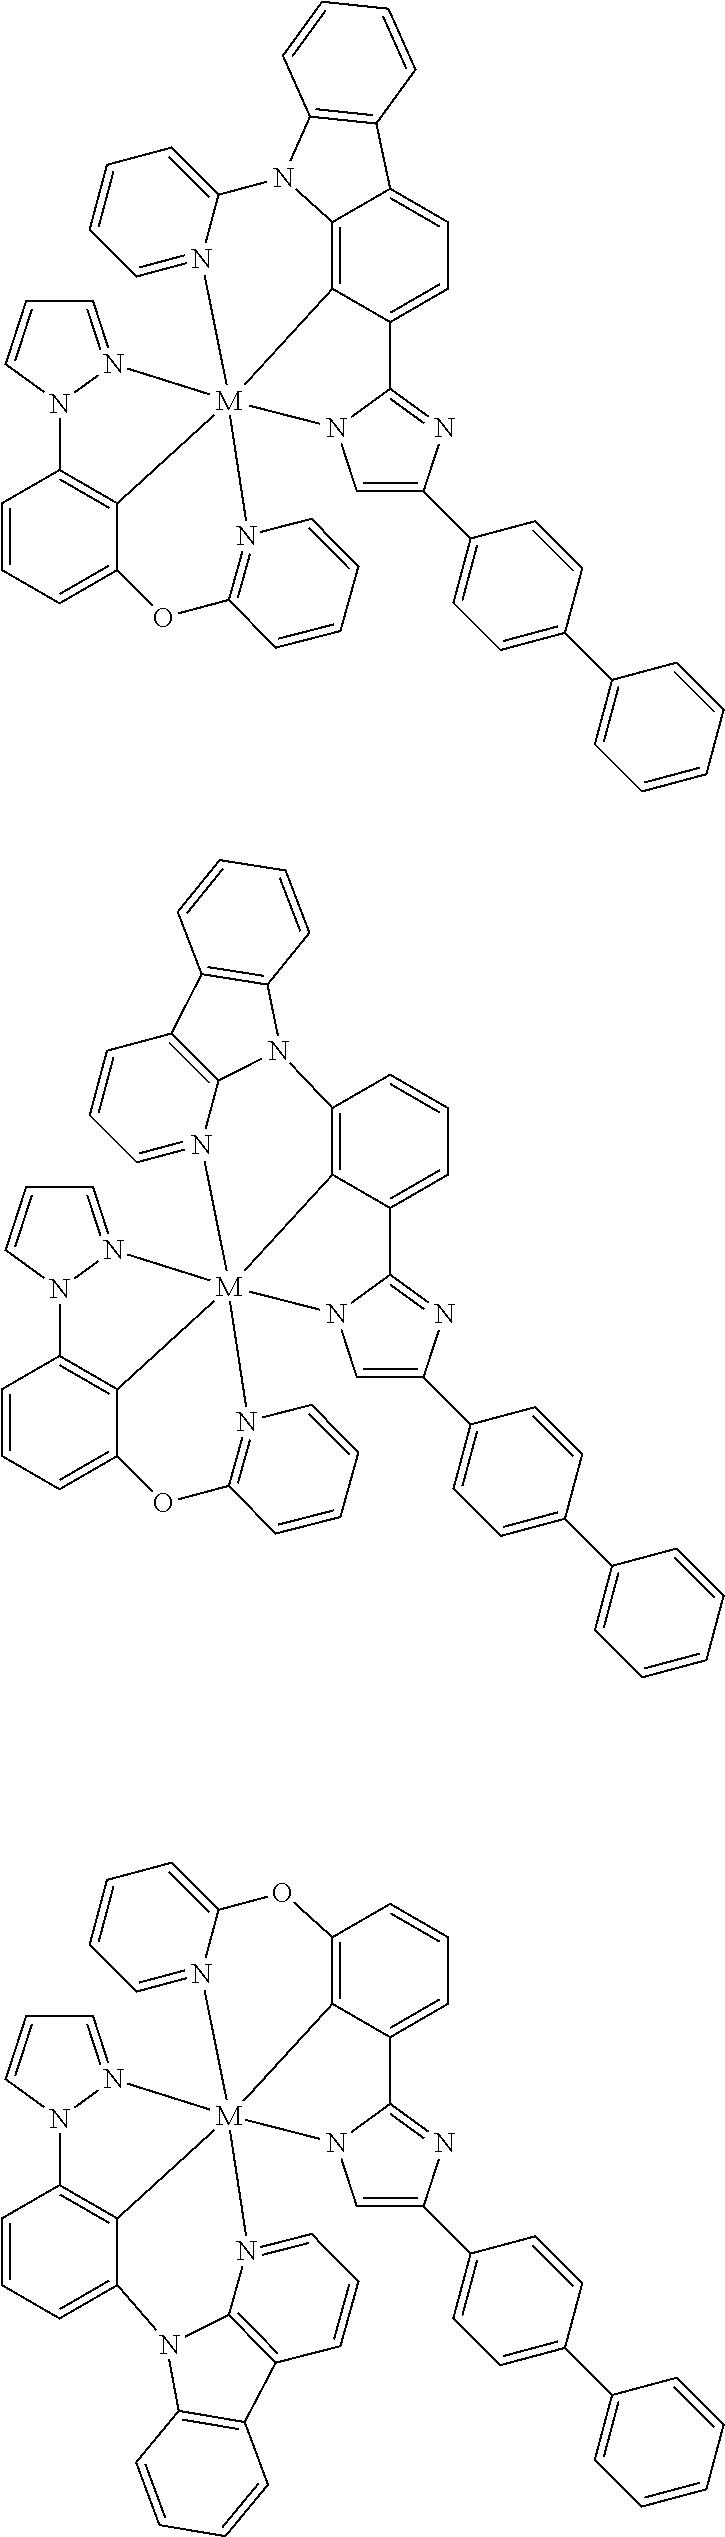 Figure US09818959-20171114-C00355